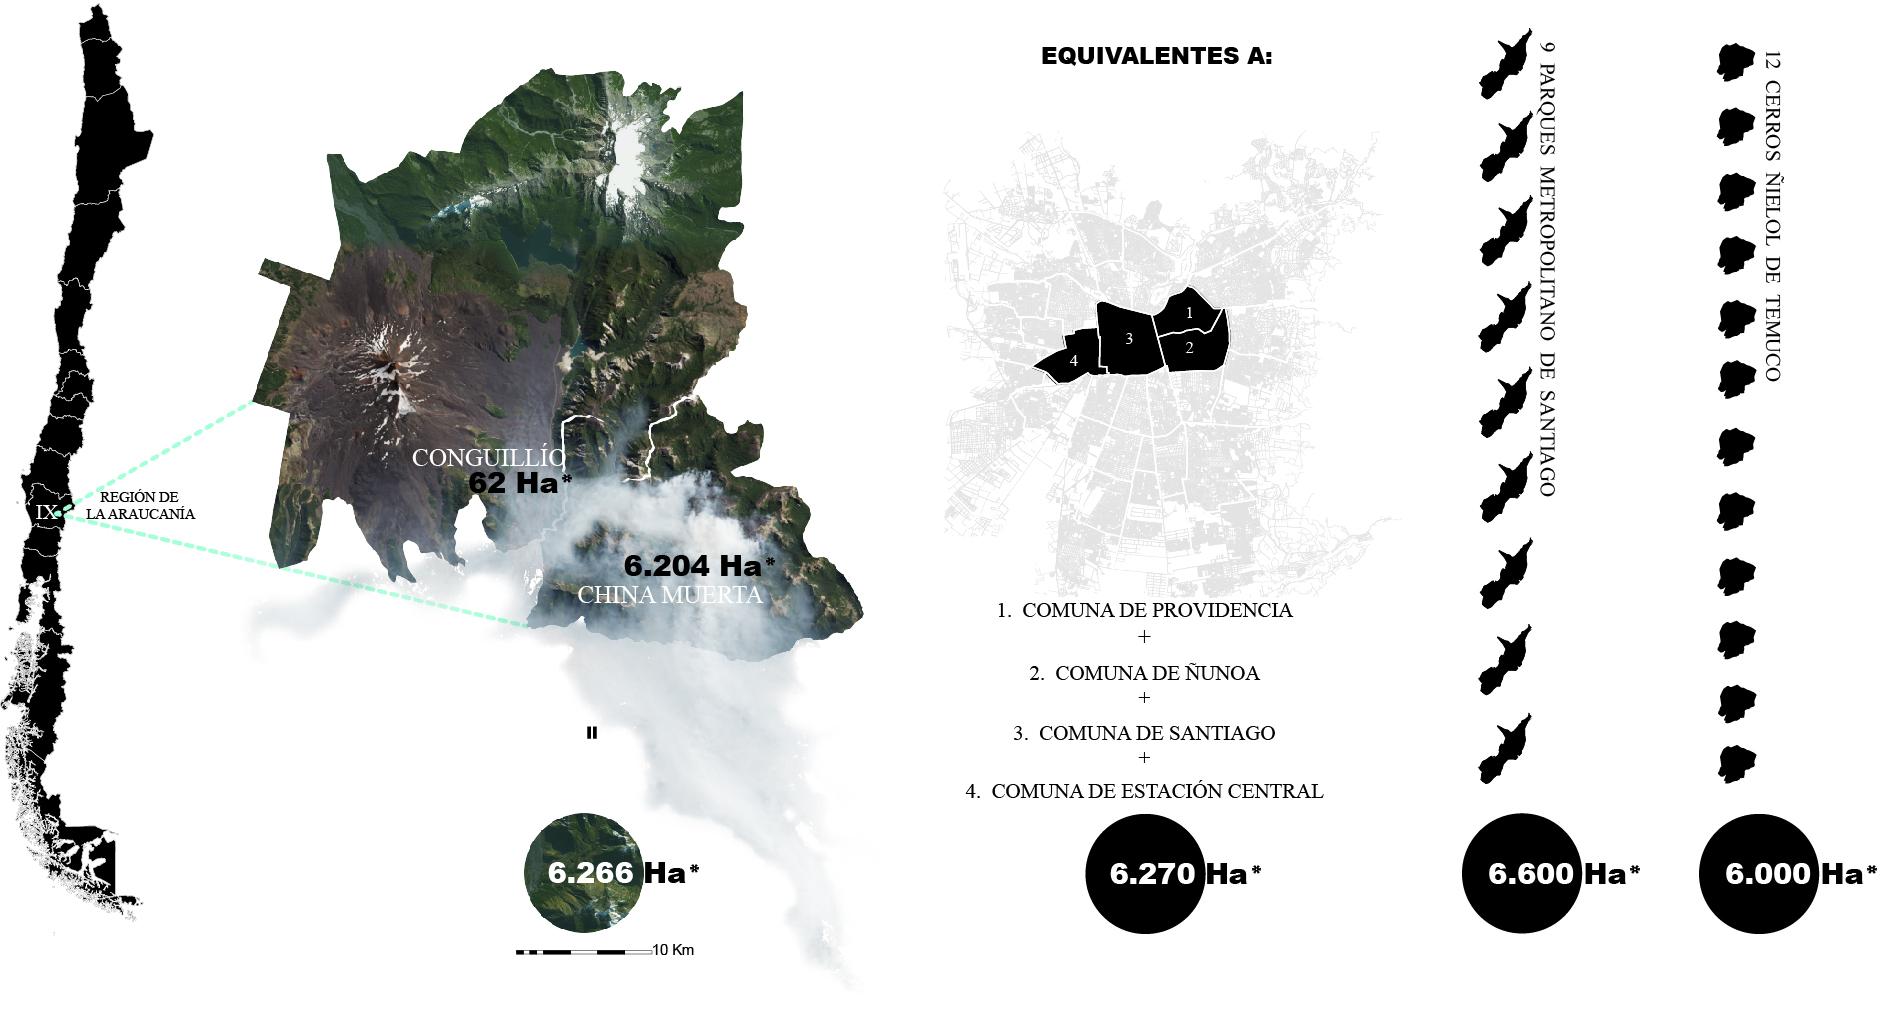 mage © Dominique Bruneau S. para LOFscapes